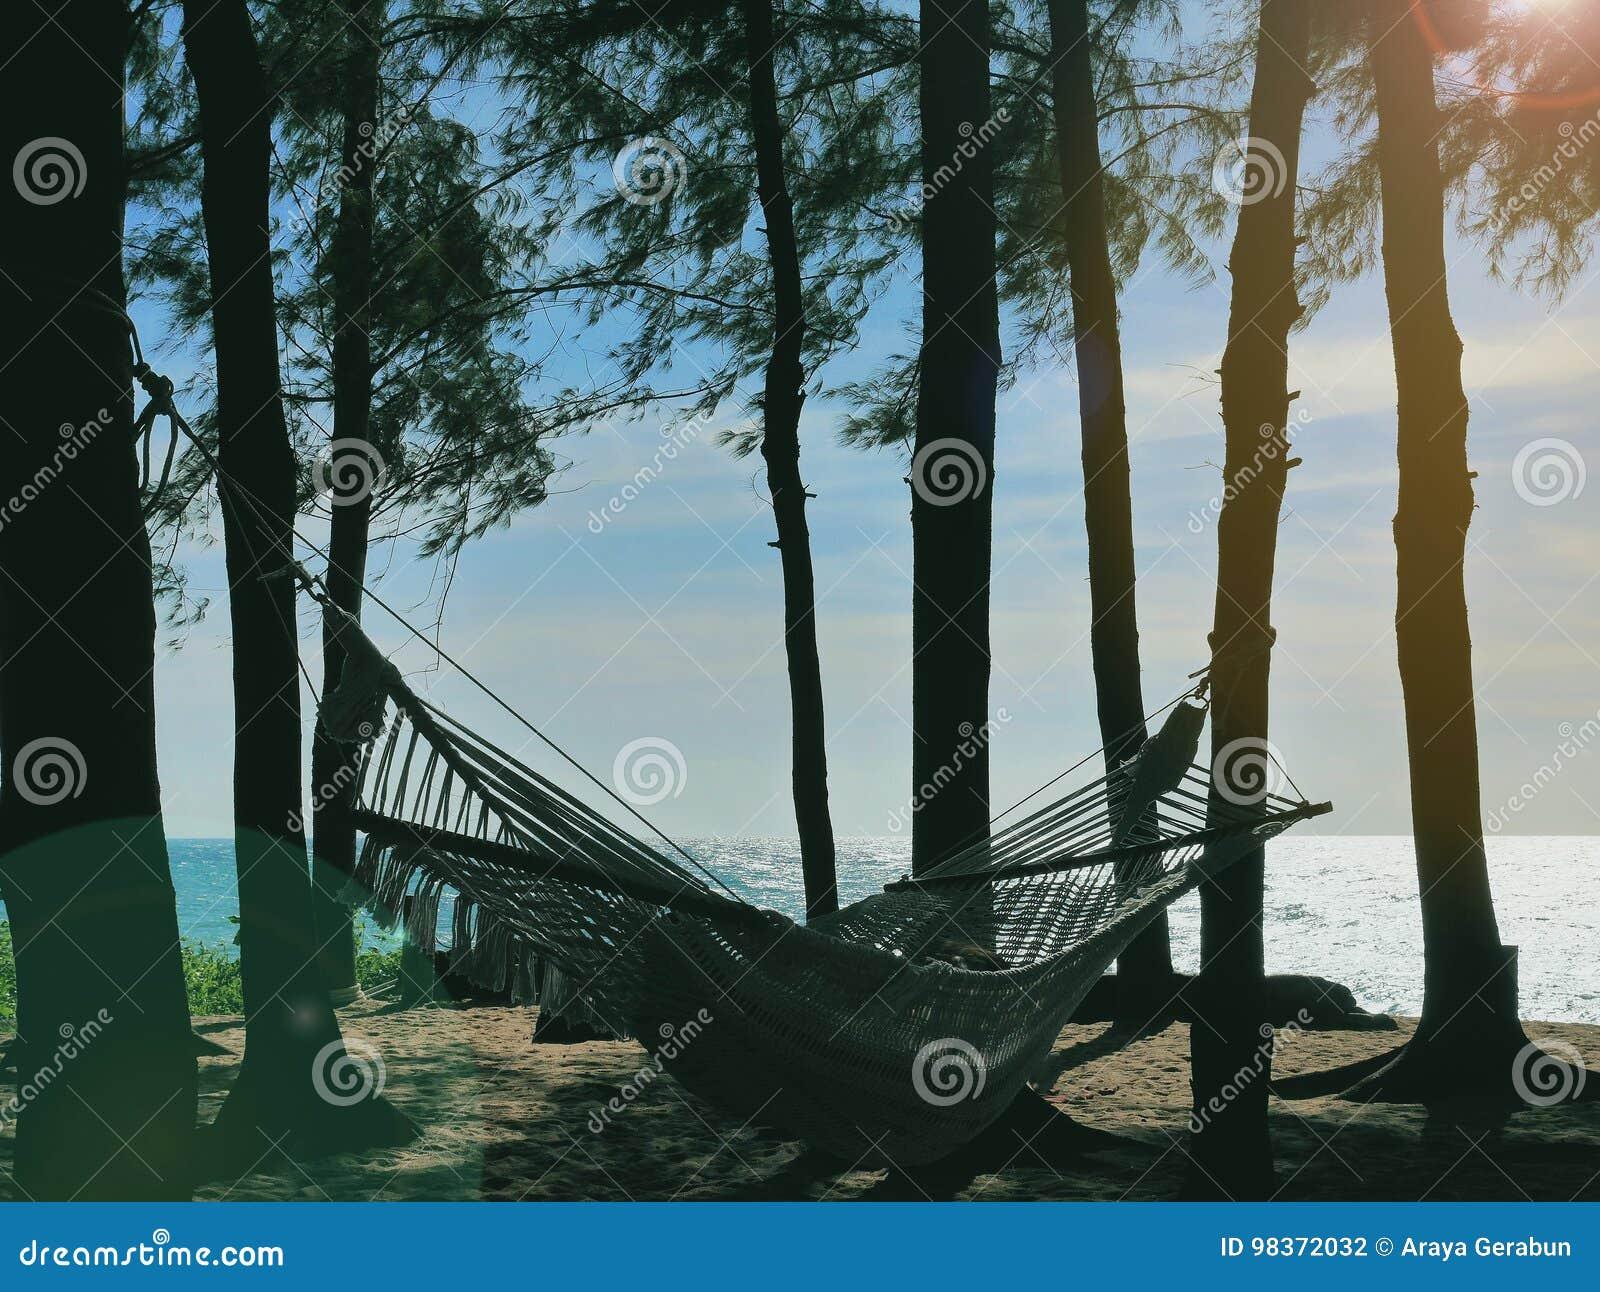 Hängmatta med personen på, bundet till träd bredvid den sandiga stranden, i avslappnande eftermiddag för miljö på senare, nästan